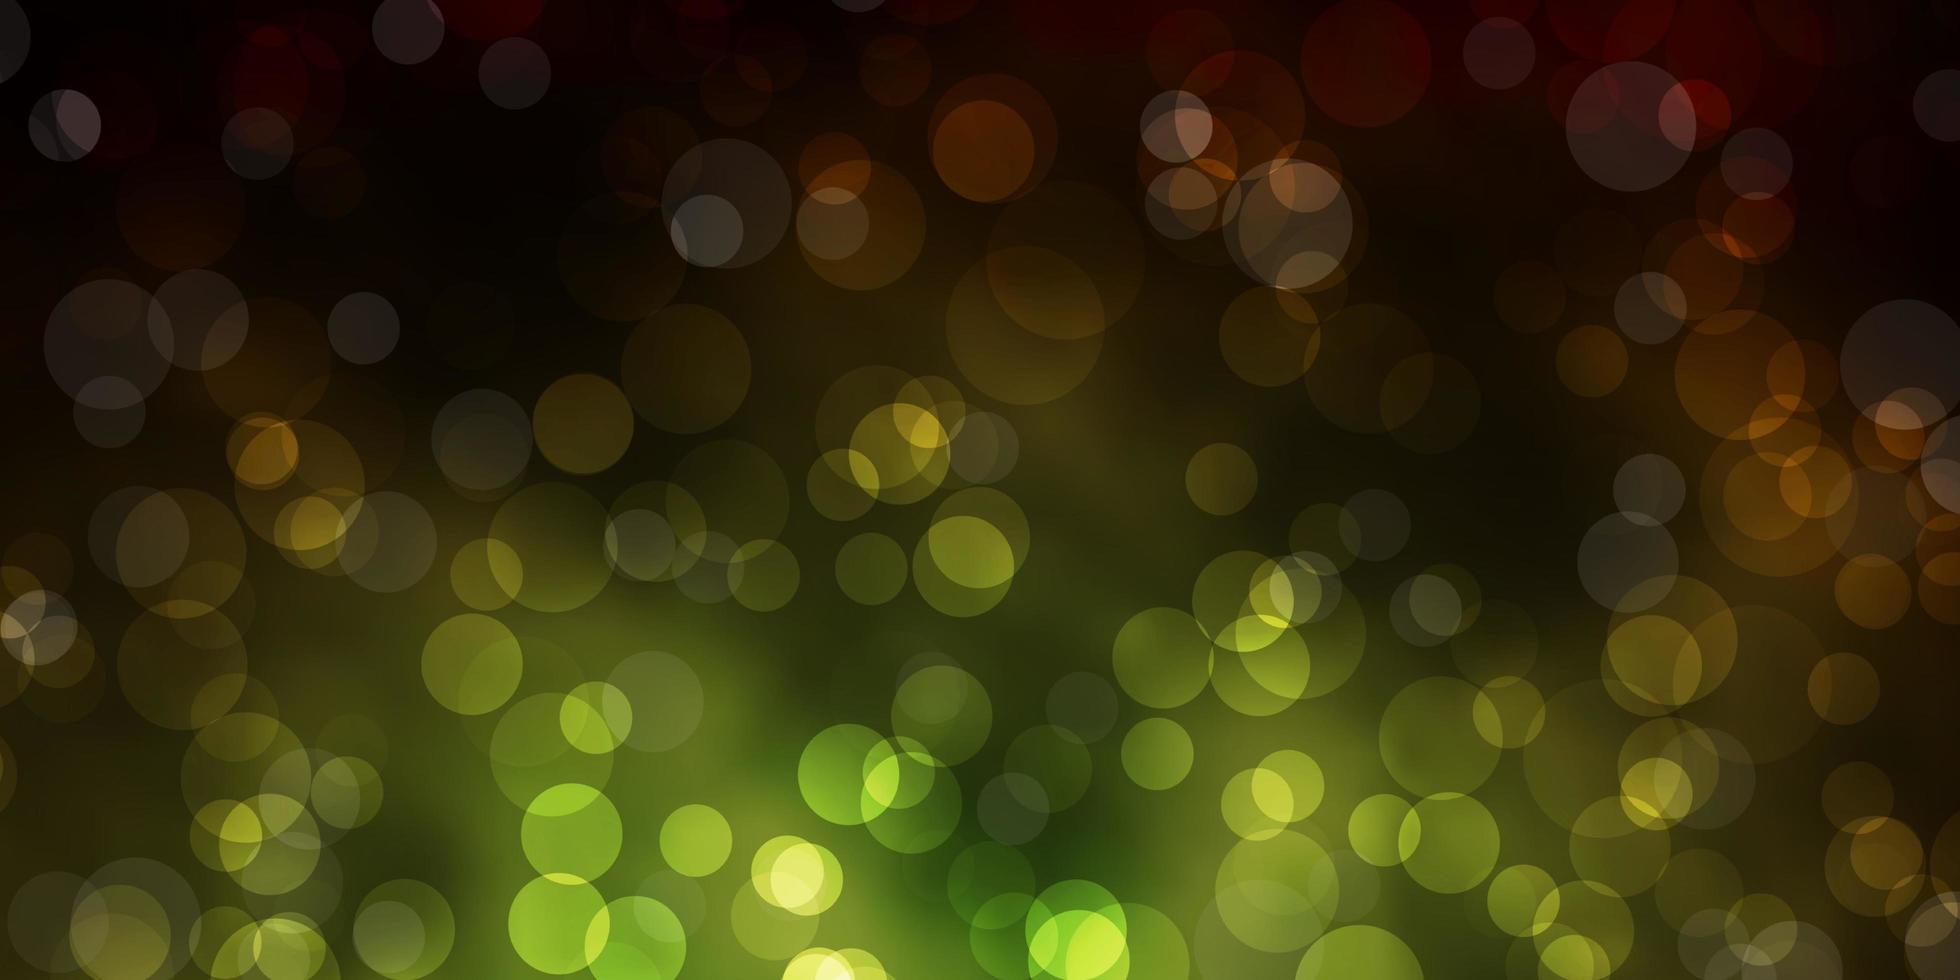 dunkelgrüner, gelber Vektorhintergrund mit Punkten. vektor